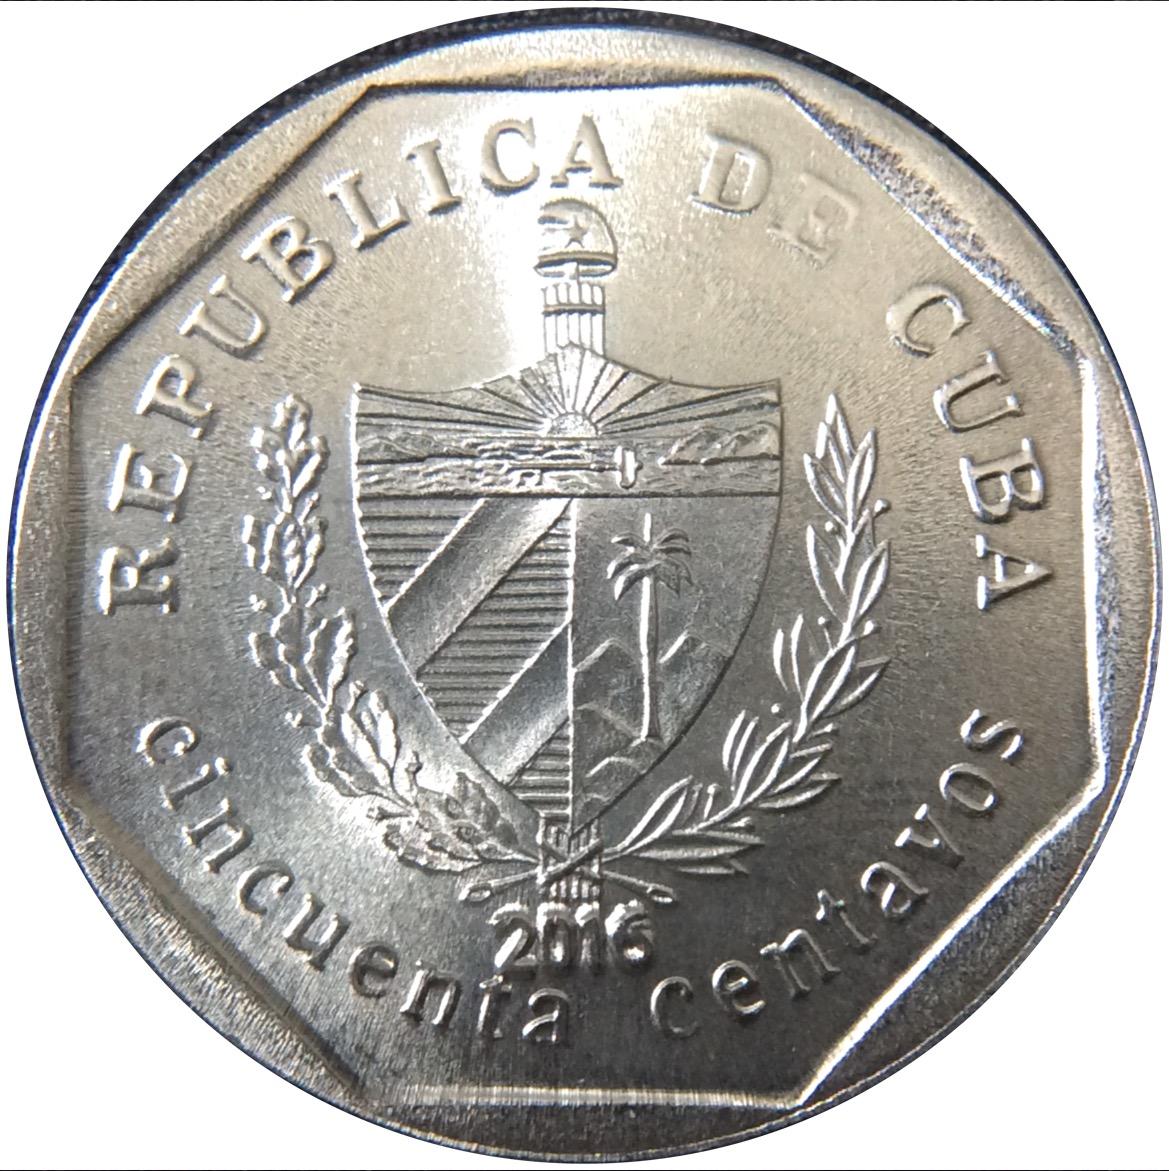 republica de cuba coin 25 centavos